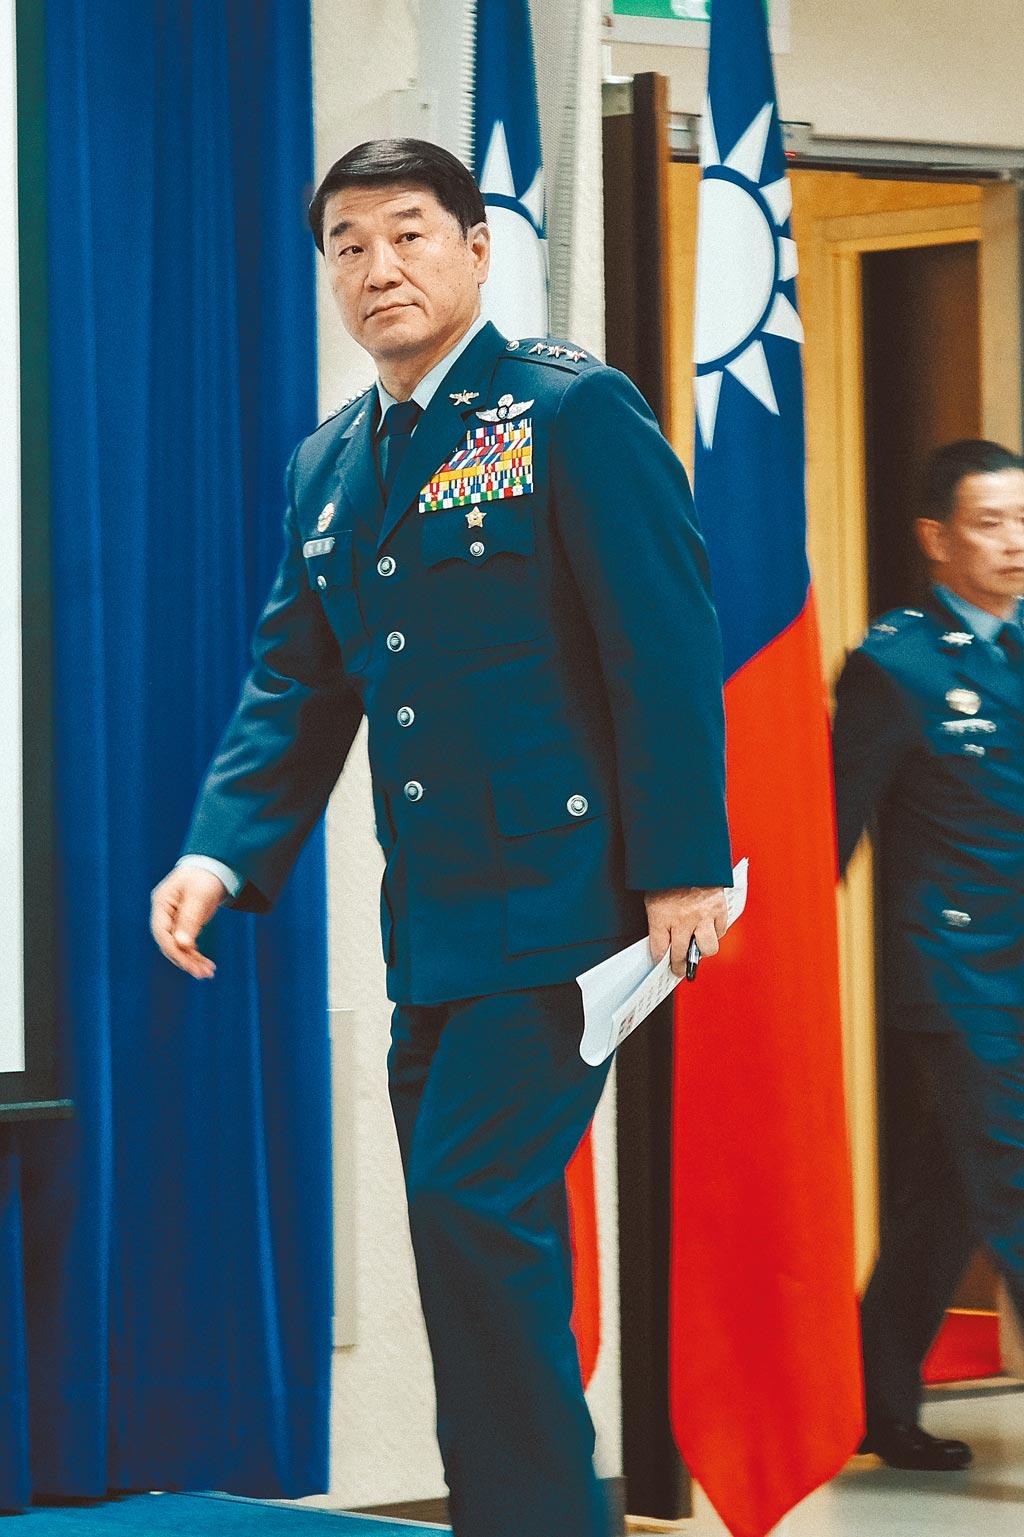 愛三軍售案竟連空軍司令熊厚基也不知情。(本報資料照片)